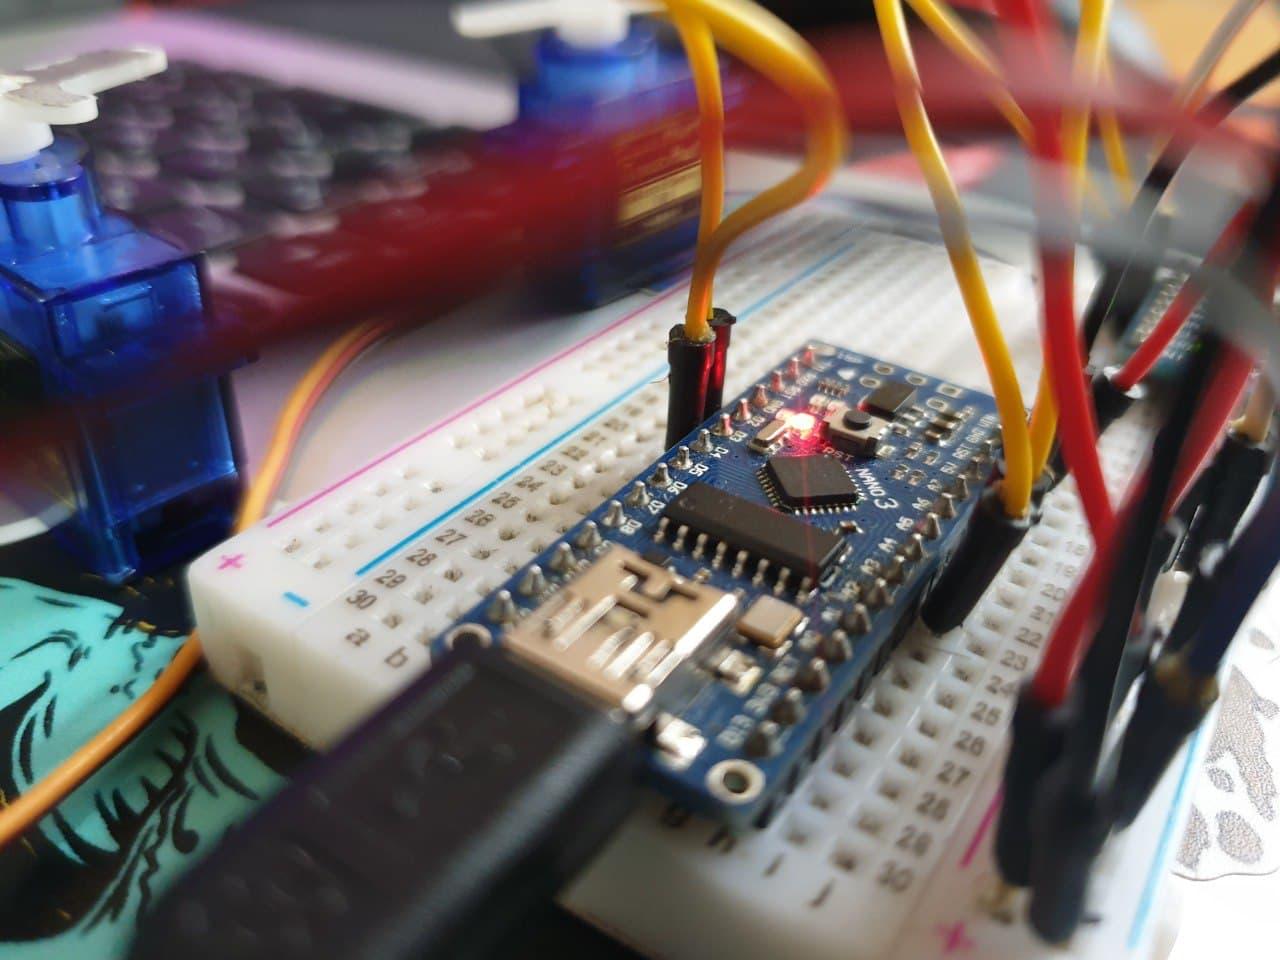 برد آردوینو نانو Nano کنترل سرو با ماژول MPU6050 - دیجی اسپارک